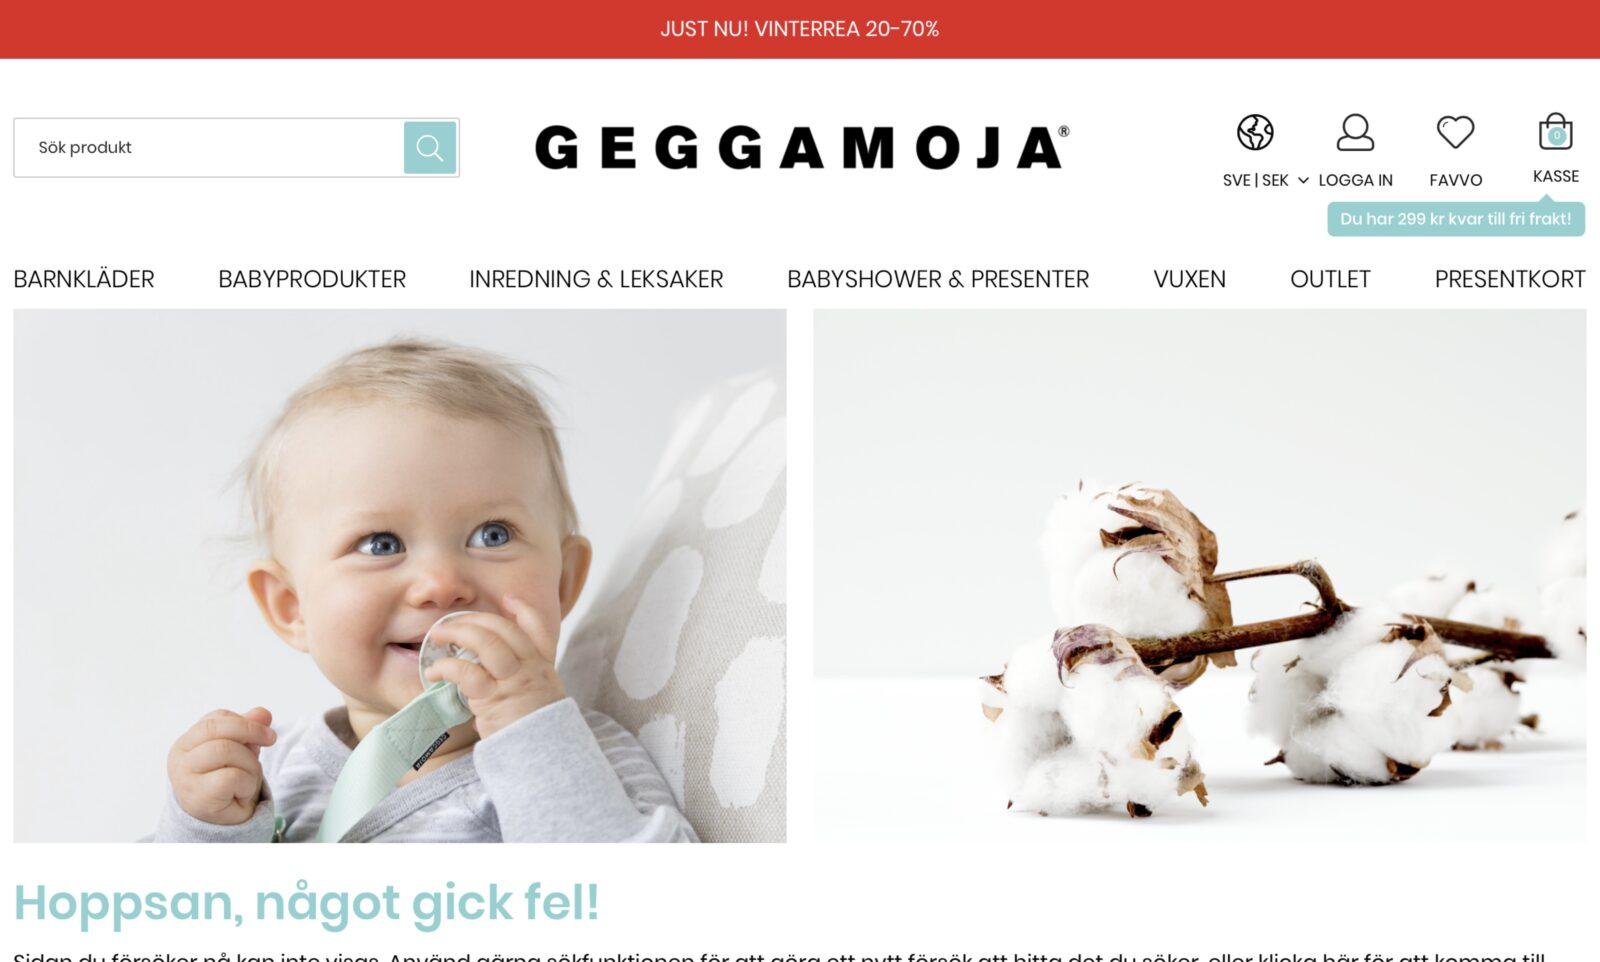 Screenshot der Marke Geggamoja